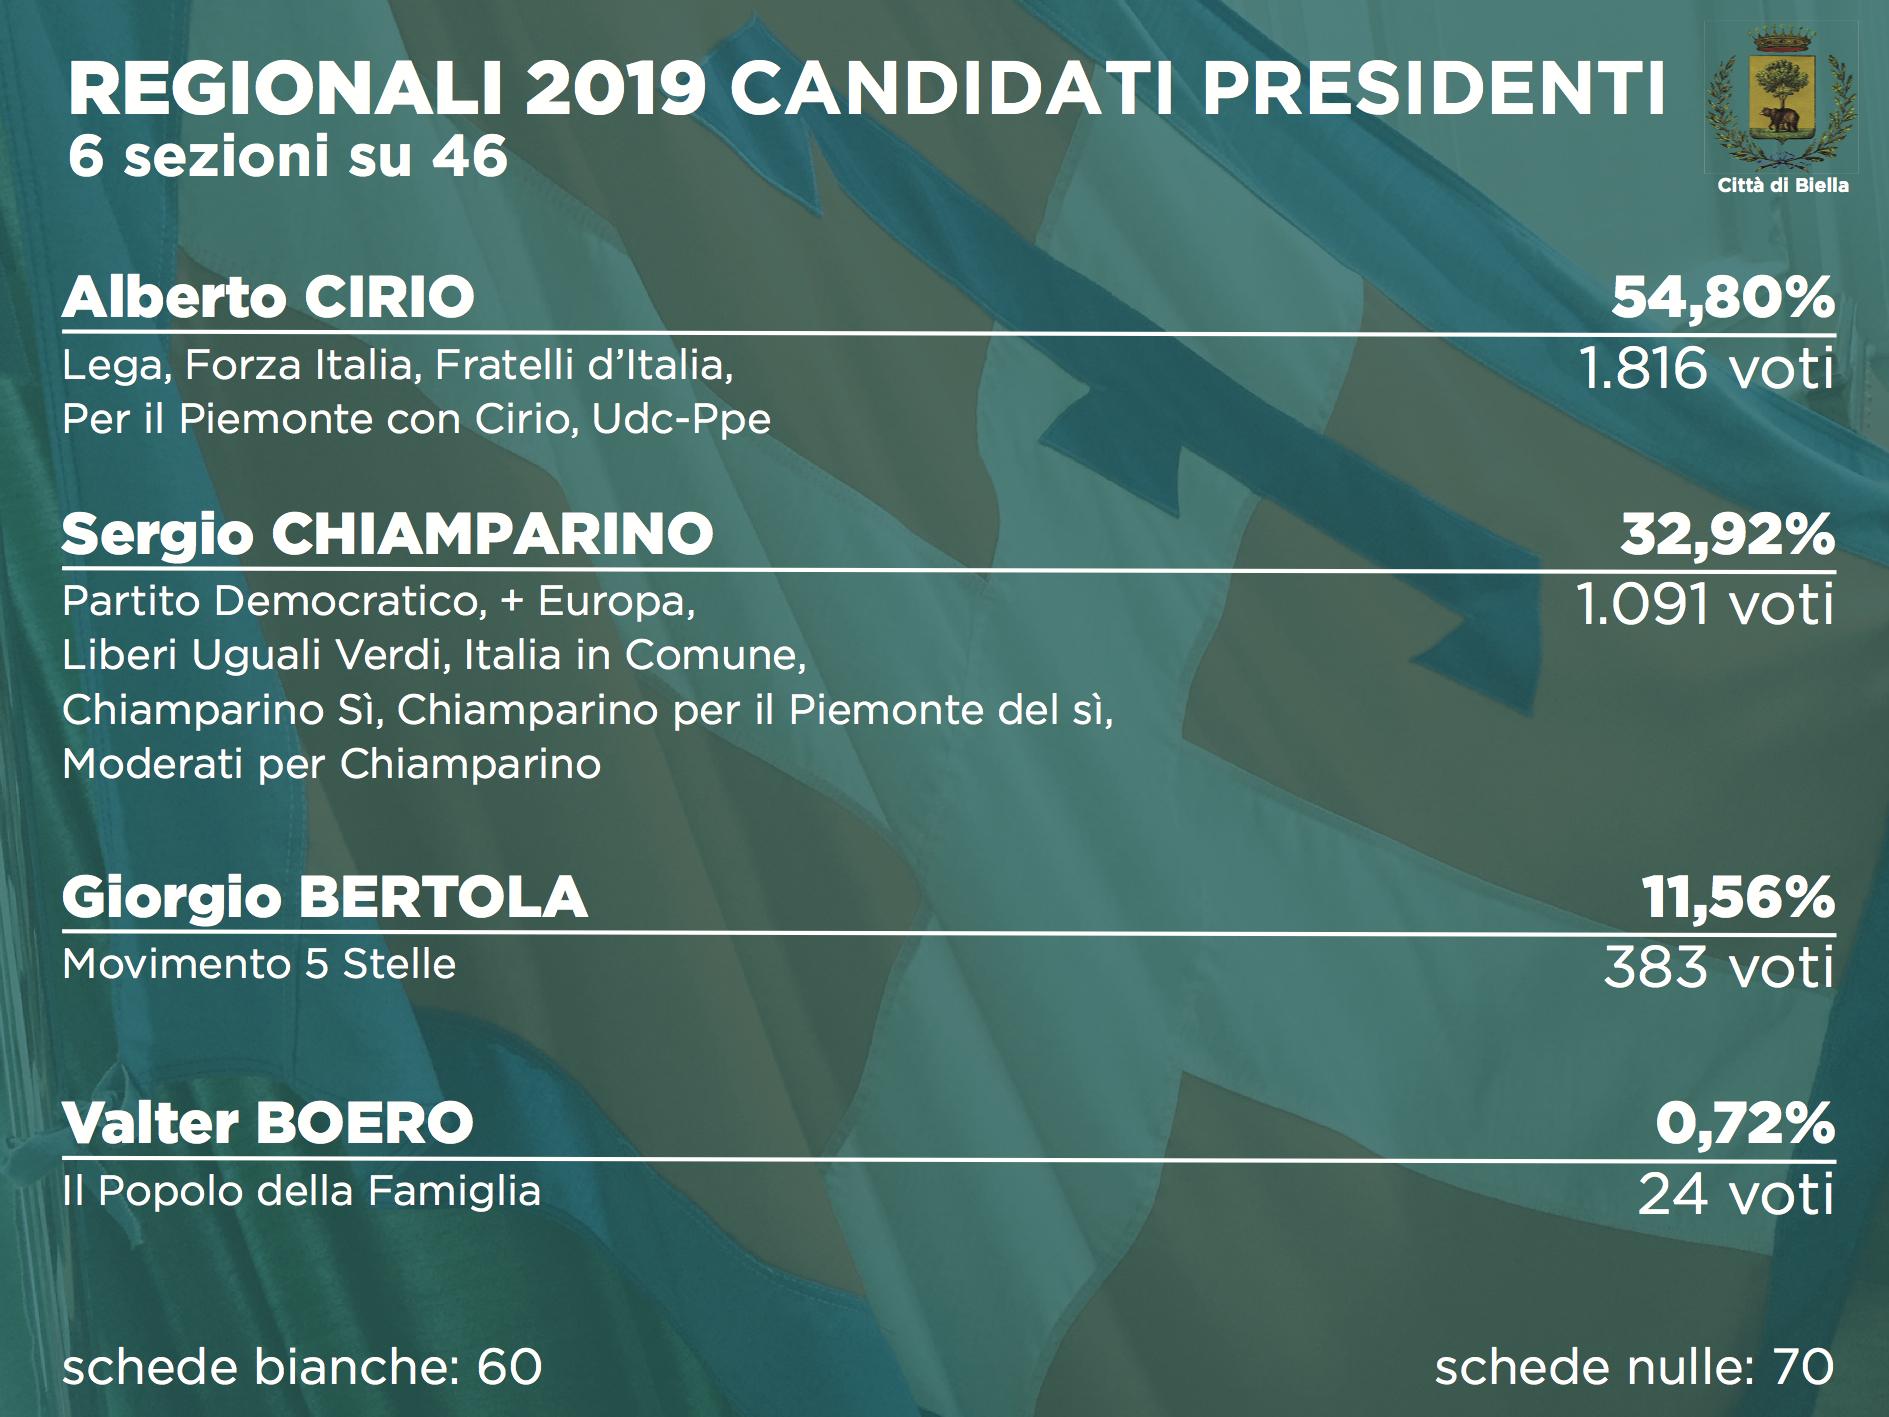 Elezioni 2019, i risultati alle regionali dopo 6 sezioni